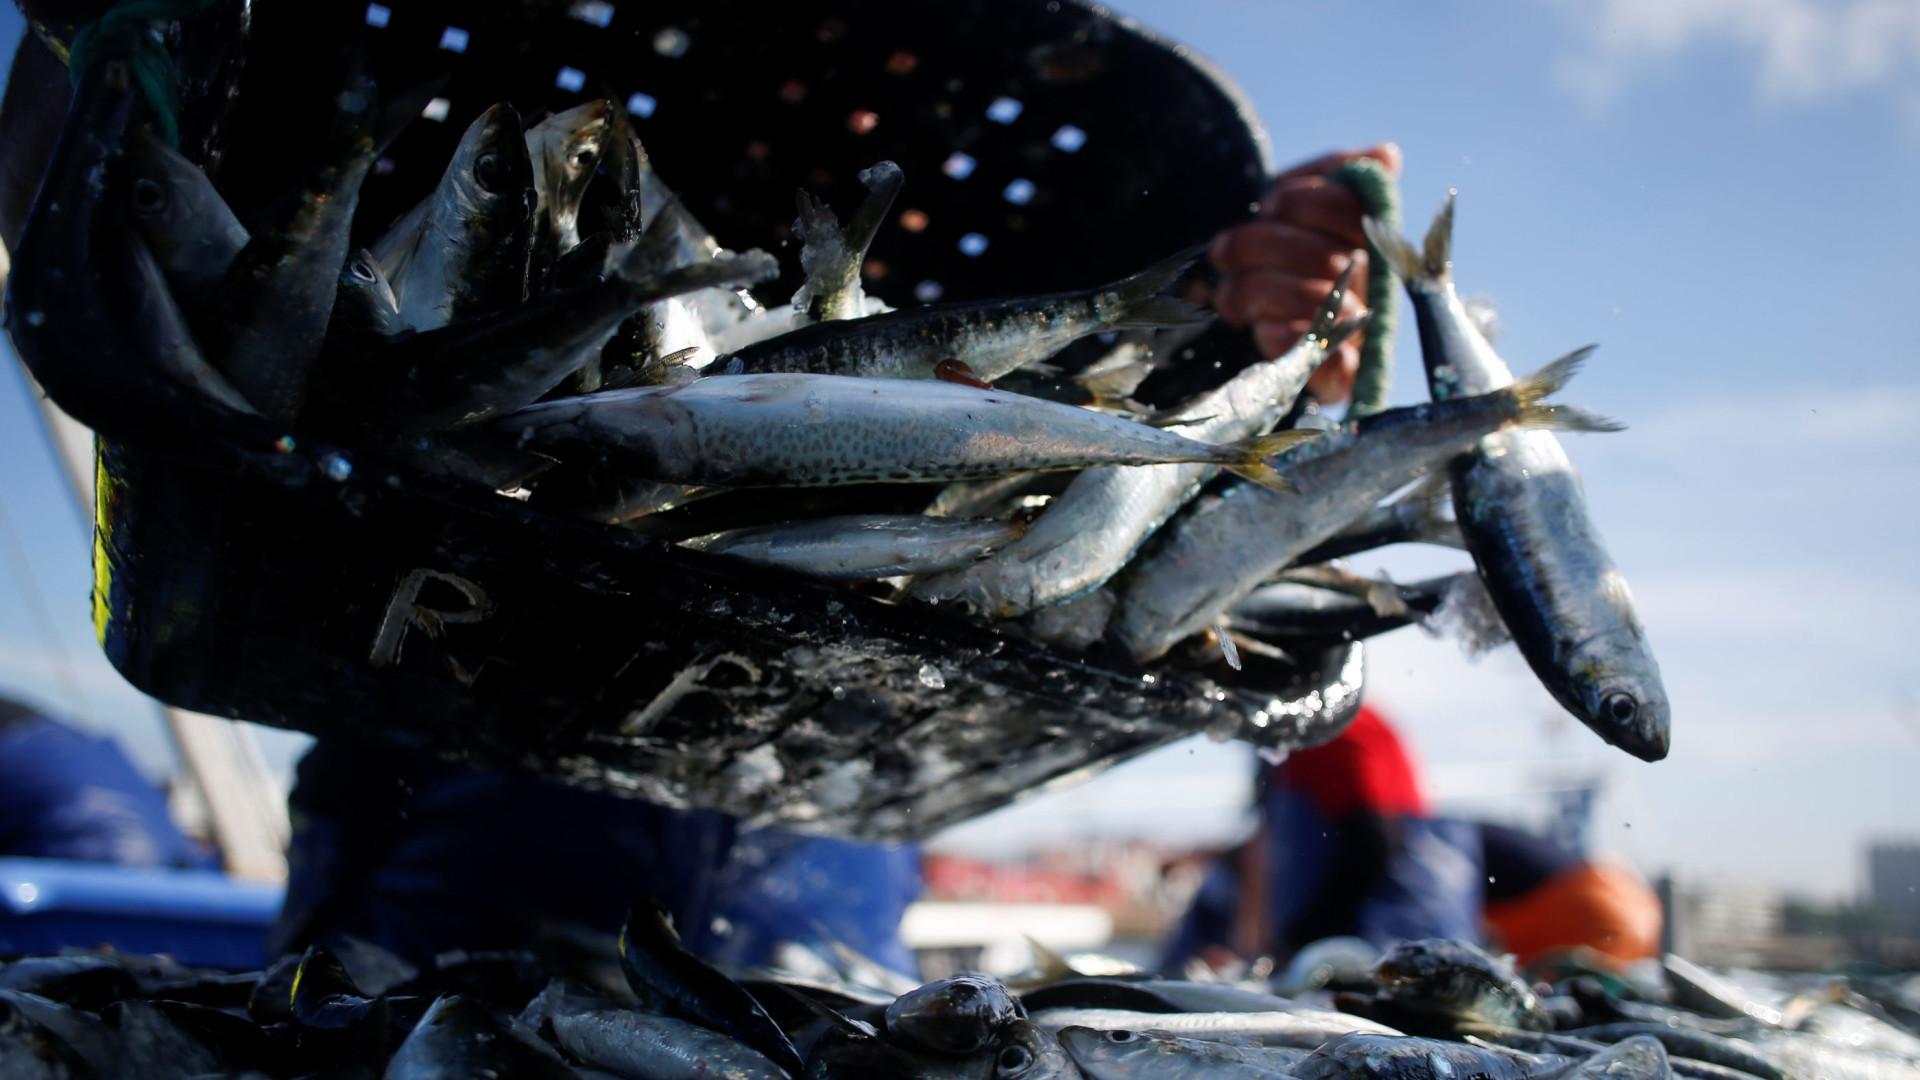 Pesca do cerco autorizada a descargas superiores a 20%